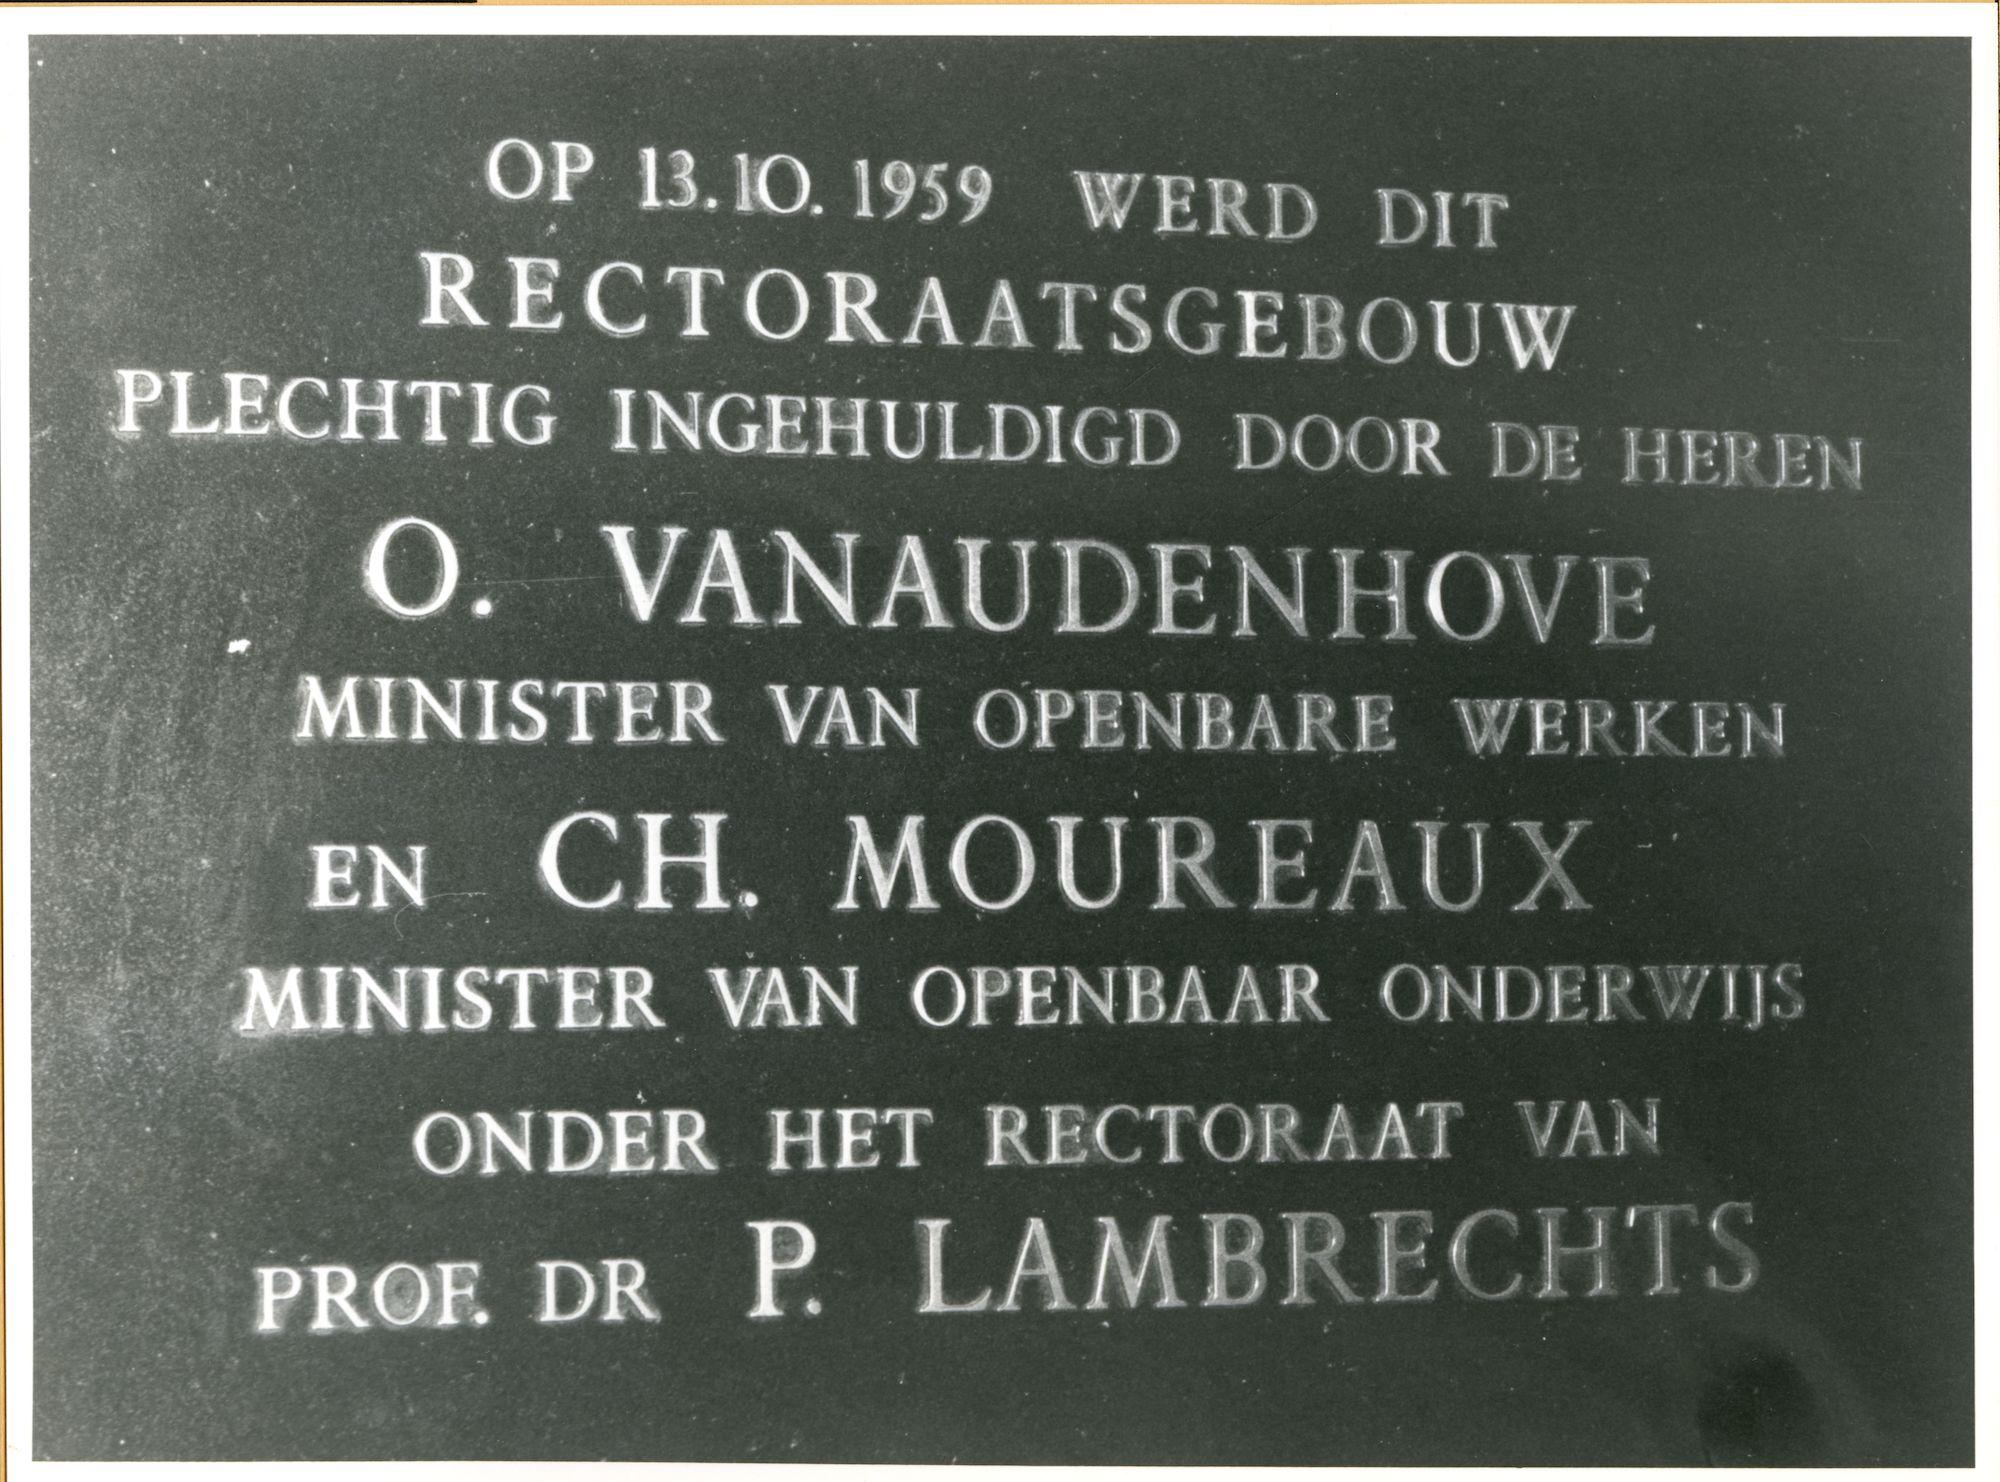 Gent: Sint Pietersnieuwstraat 33: Gedenksteen, 1979